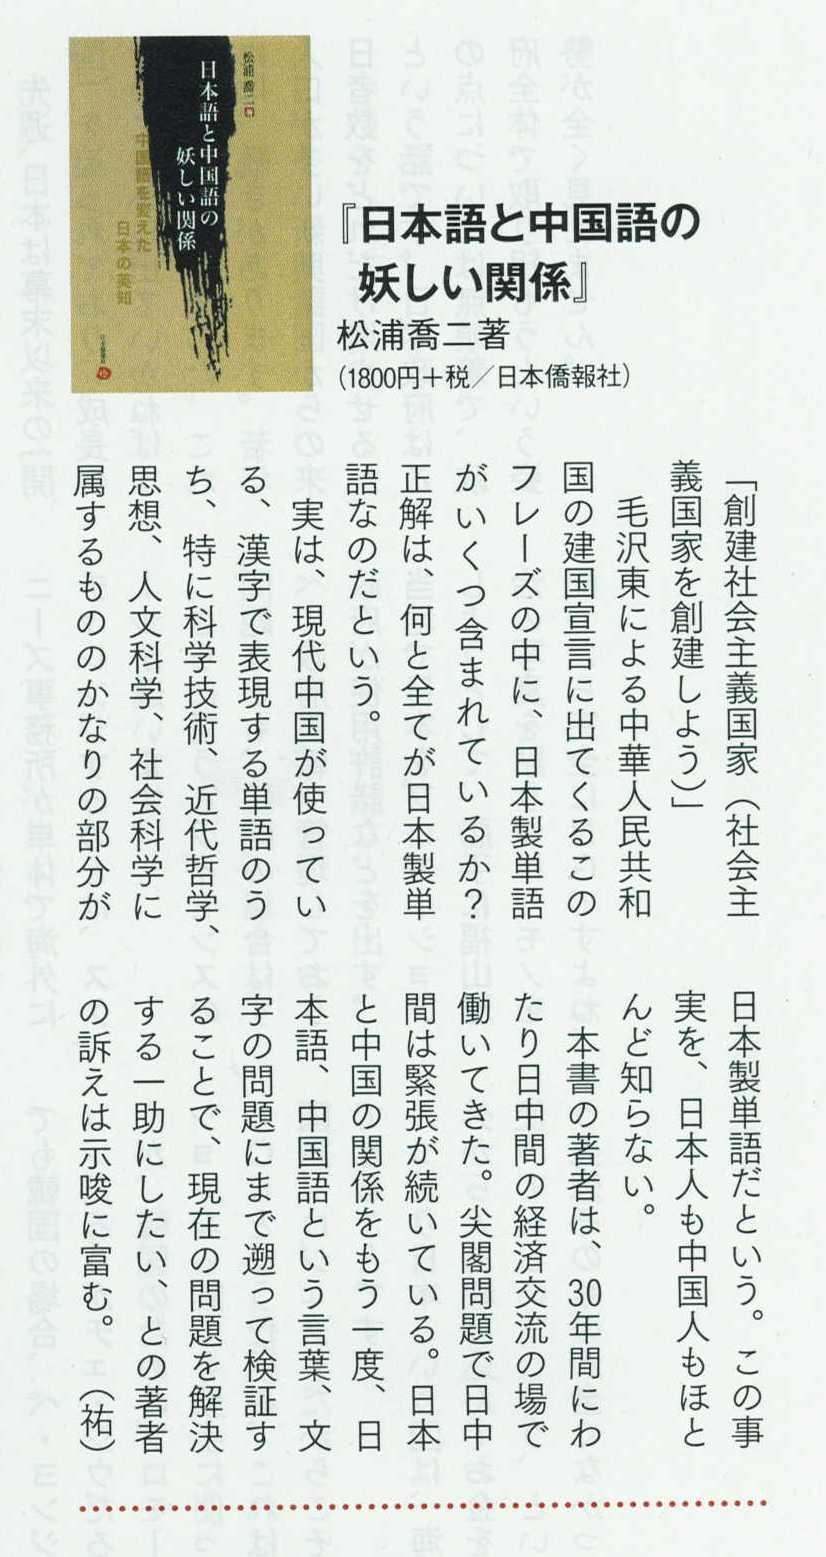 アエラに掲載された『日本語と中国語の妖しい関係―中国語を変えた日本の英知』書評_d0027795_7451161.jpg